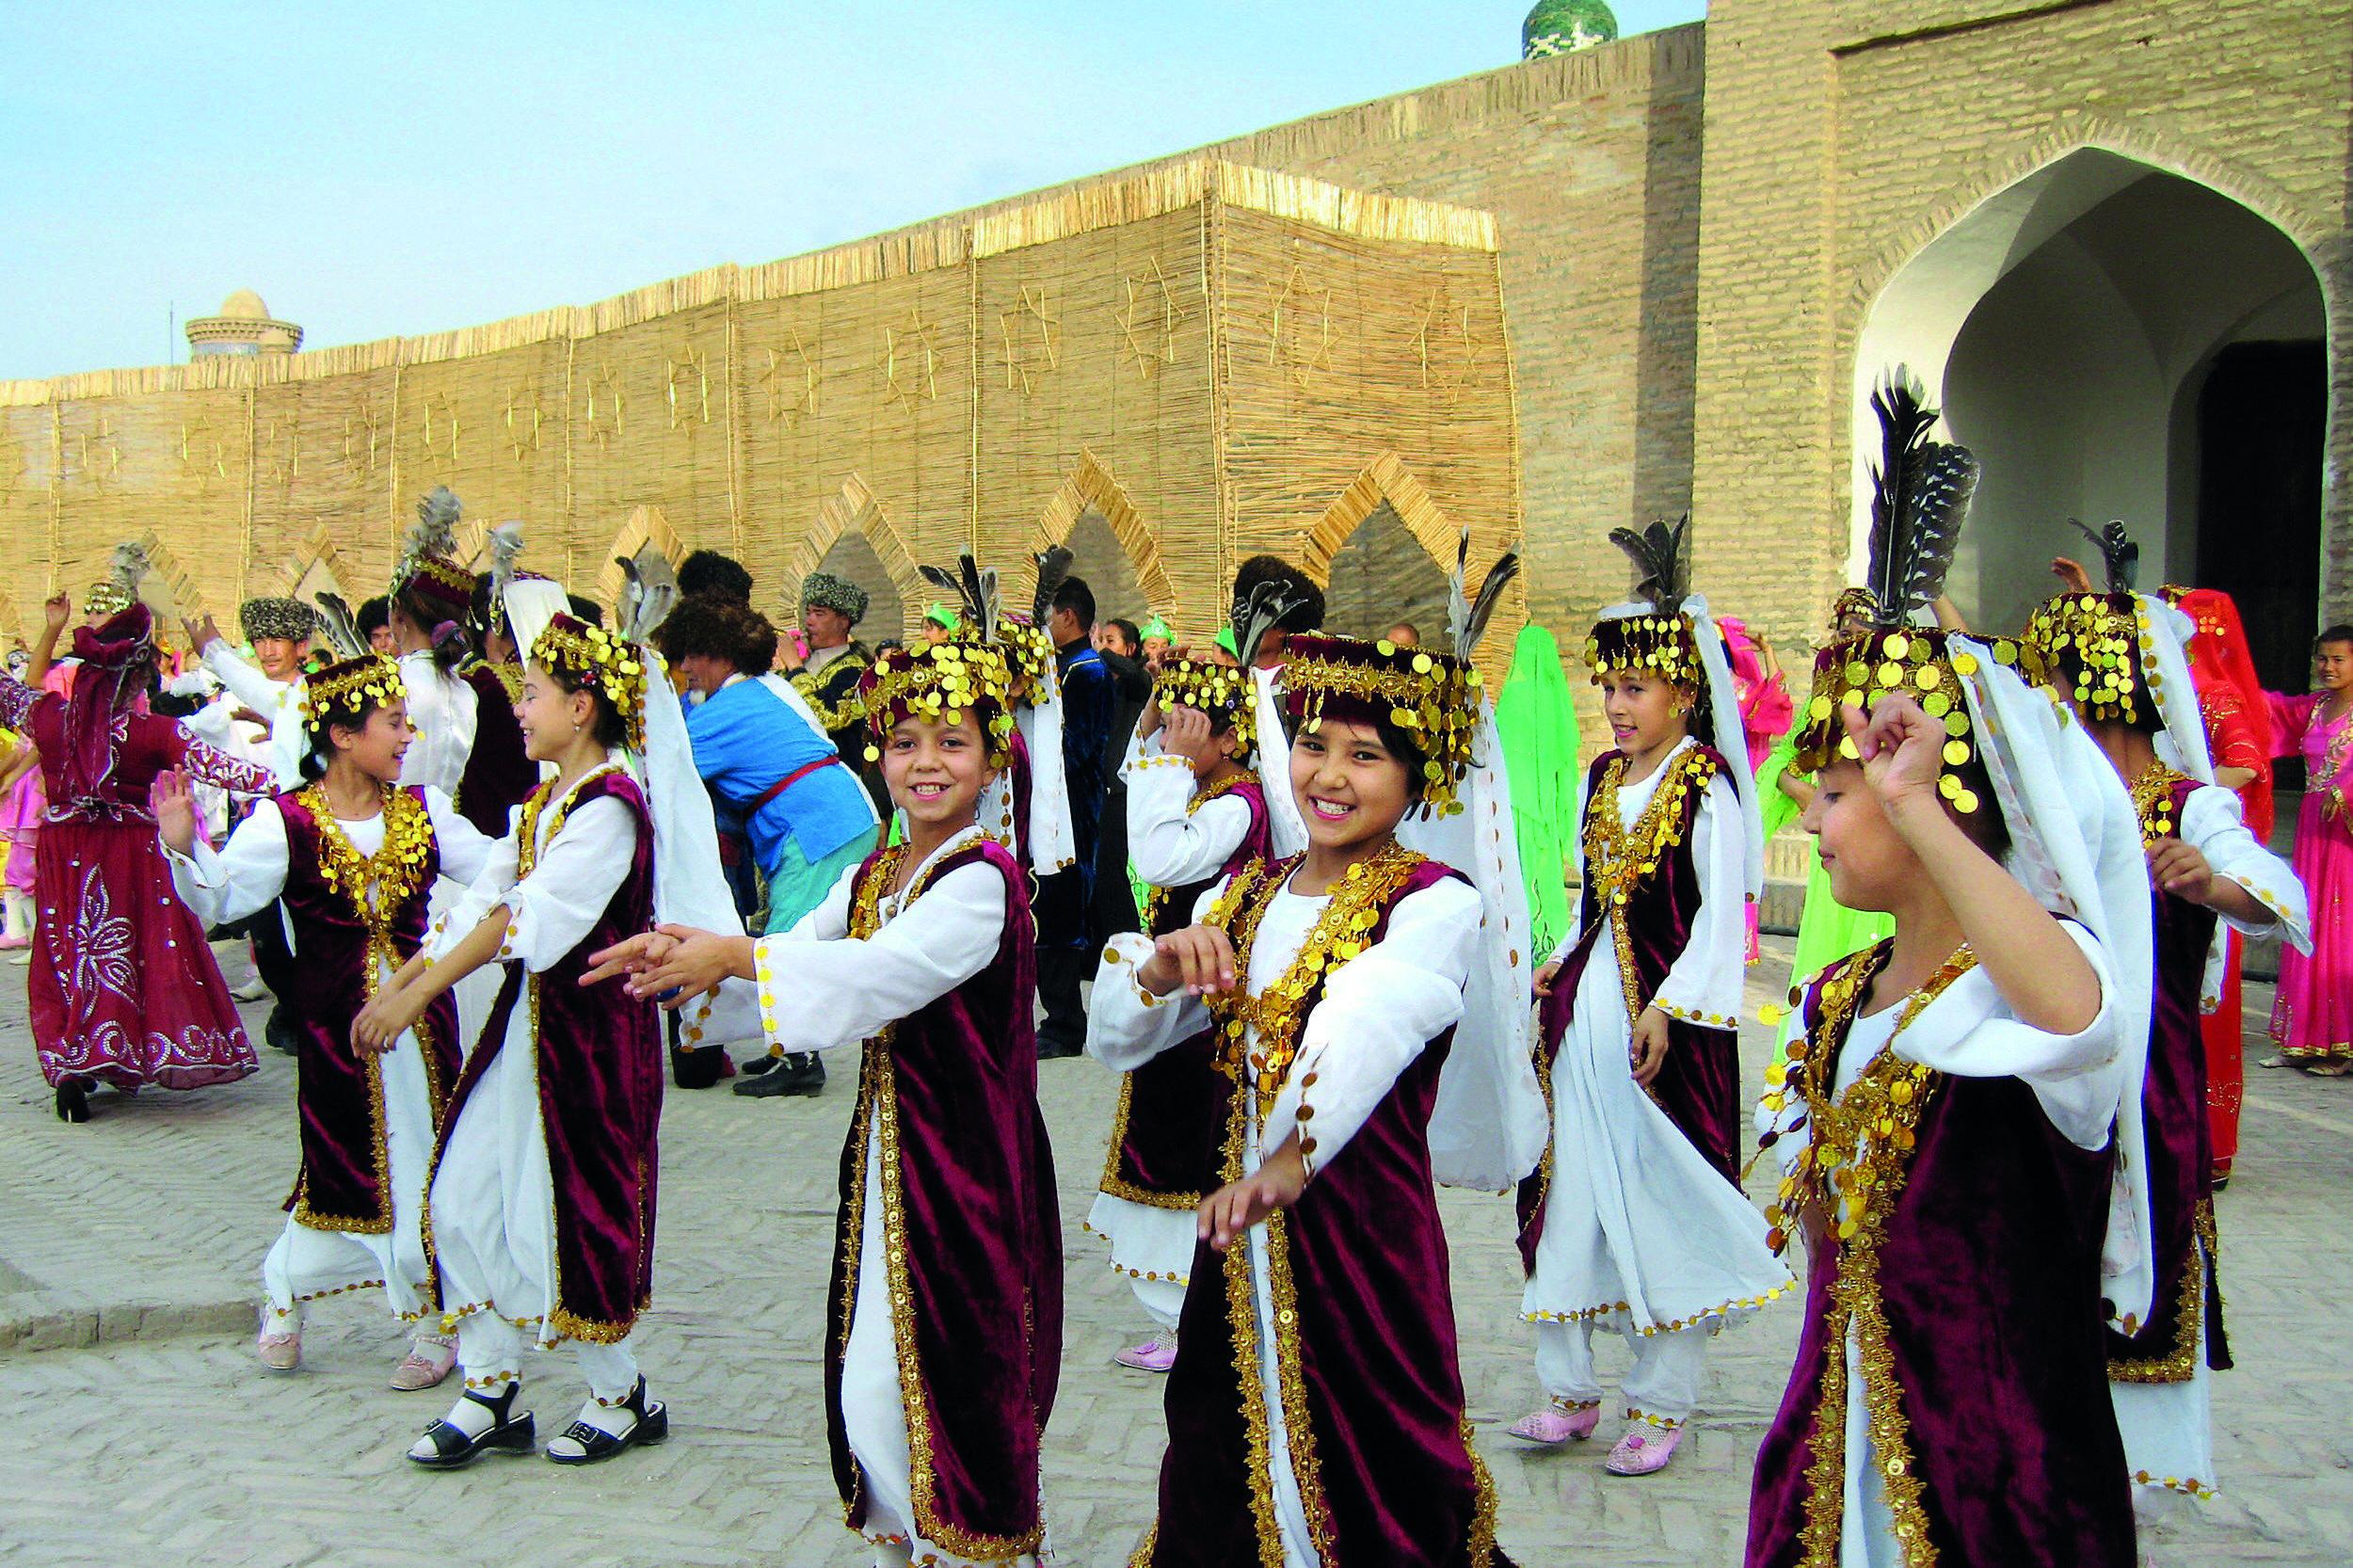 uzbekistan Dance to the music of time: Celebrations at the ancient Khorezm Mamum Academy, Khiva, 2006